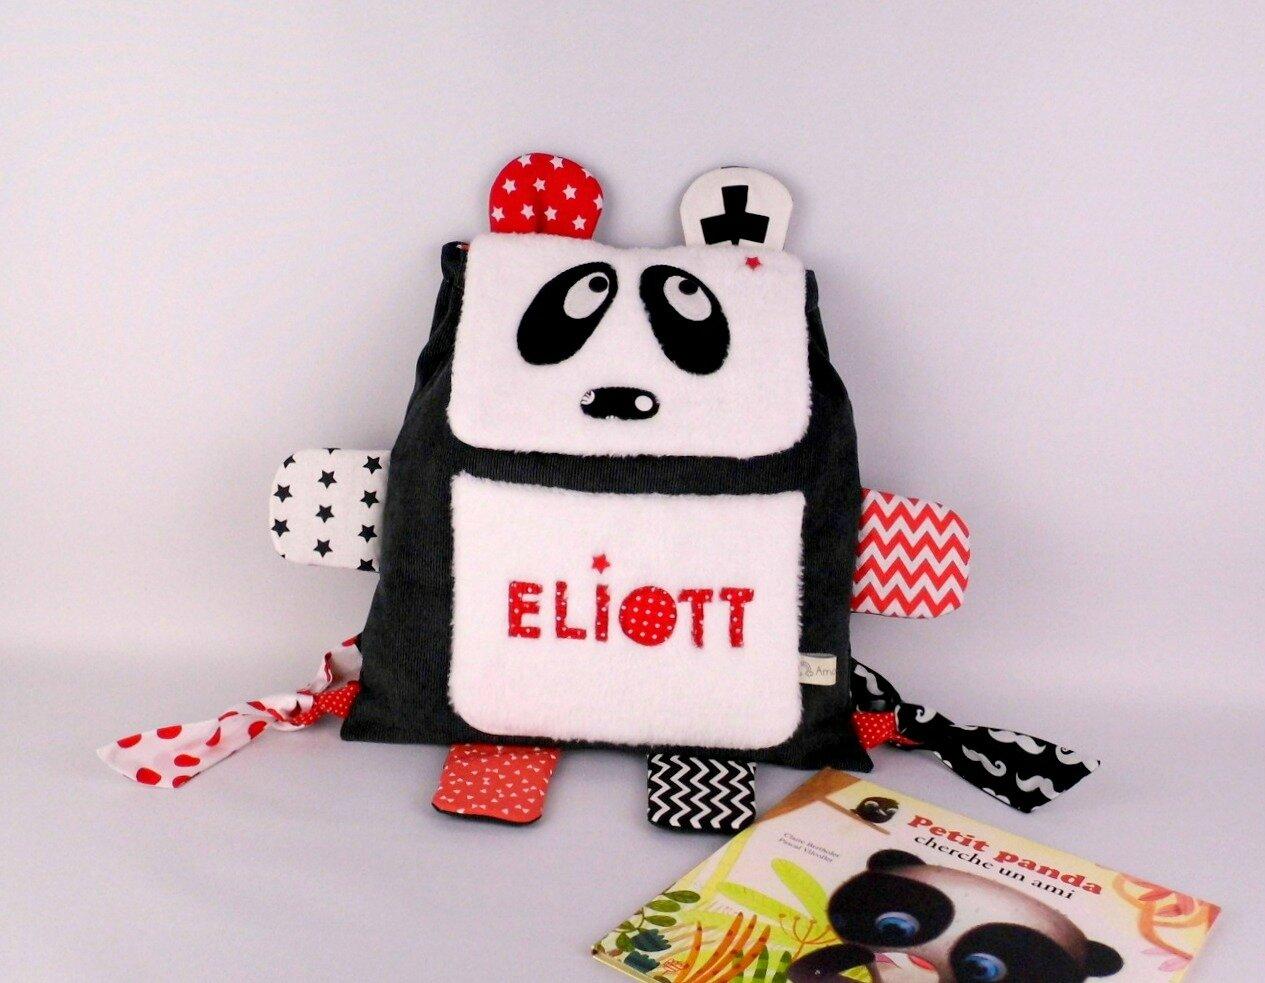 Sac à dos enfant personnalisé prénom panda Eliott gris noir rouge sac bébé crèche école maternelle cadeau baptême personnalisé unique